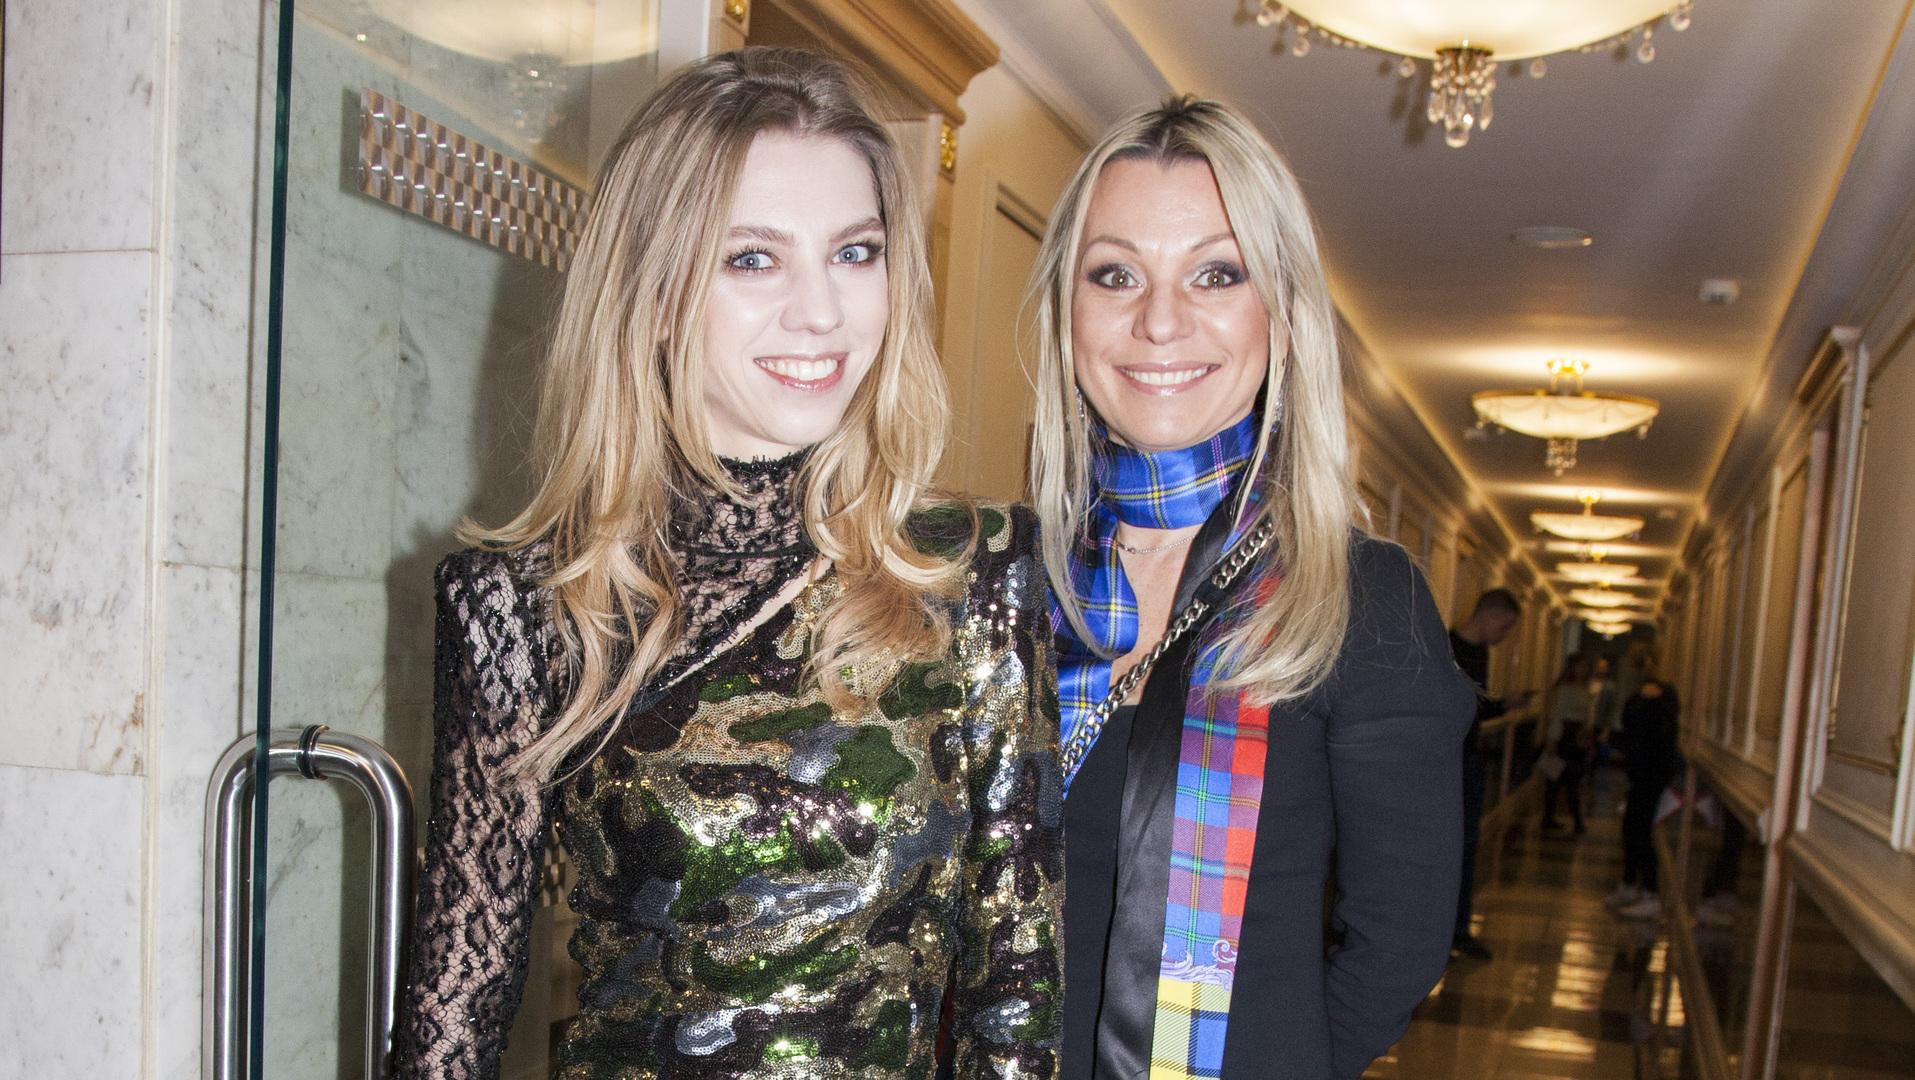 Ирина Салтыкова вывела в свет дочь после пластической операции